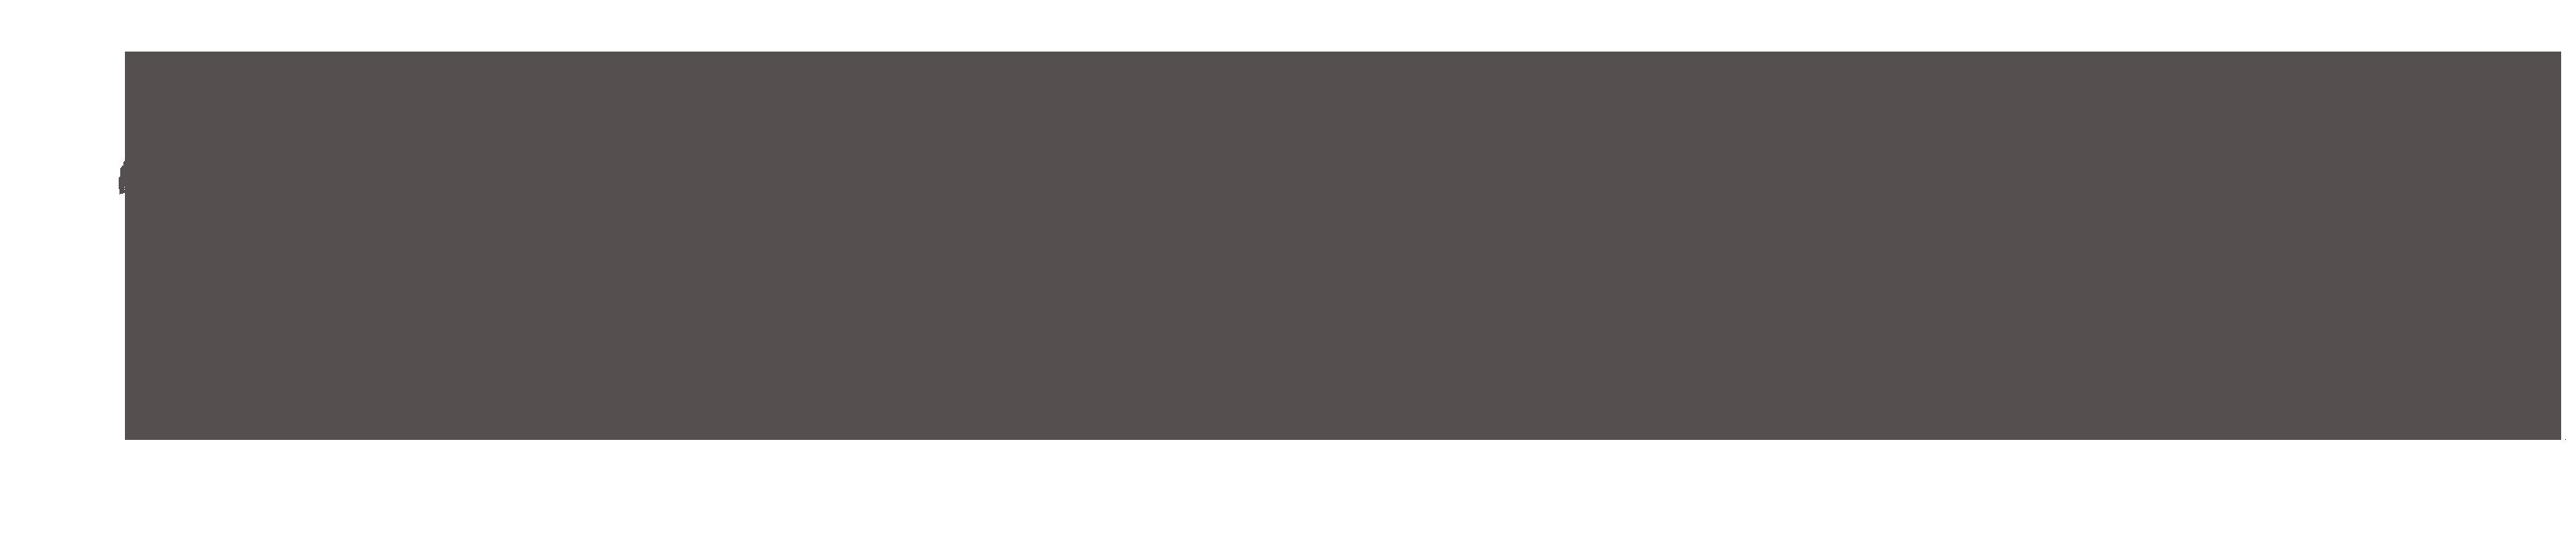 Deine_Binaca_Unterschrift